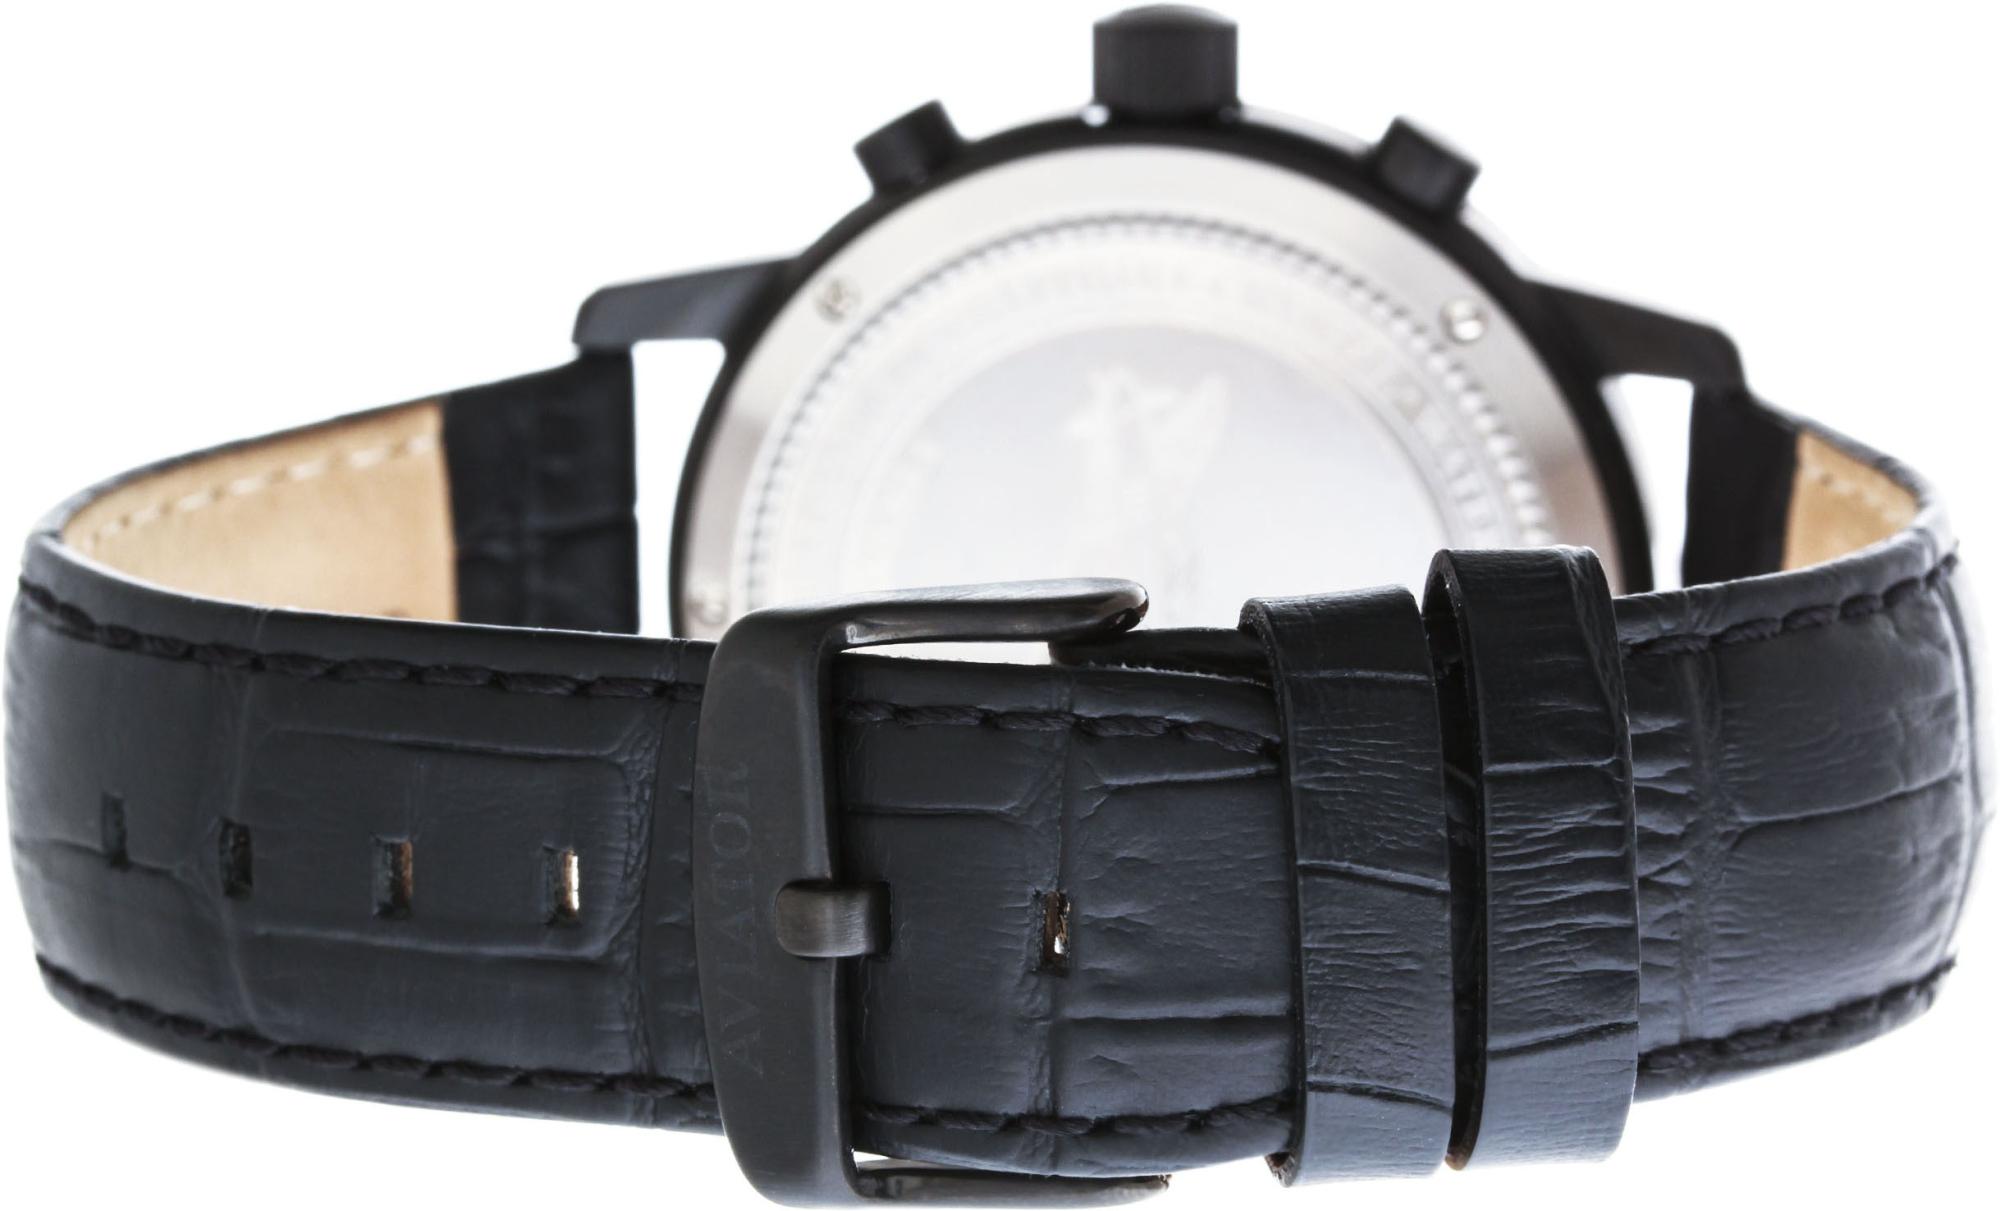 Aviator Airacobra V.2.13.5.077.4Наручные часы<br>Швейцарские часы Aviator Airacobra V.2.13.5.077.4Часы входят в модельный ряд коллекции Airacobra. Это Мужские часы. Материал корпуса часов — Сталь. Ремень — Кожа. В этих часах используется Сапфировое стекло. Водозащита - 100 м. Размер данной модели 45мм.<br><br>Пол: Мужские<br>Страна-производитель: Швейцария<br>Механизм: Кварцевый<br>Материал корпуса: Сталь<br>Материал ремня/браслета: Кожа<br>Водозащита, диапазон: 100 - 150 м<br>Стекло: Сапфировое<br>Толщина корпуса: None<br>Стиль: None